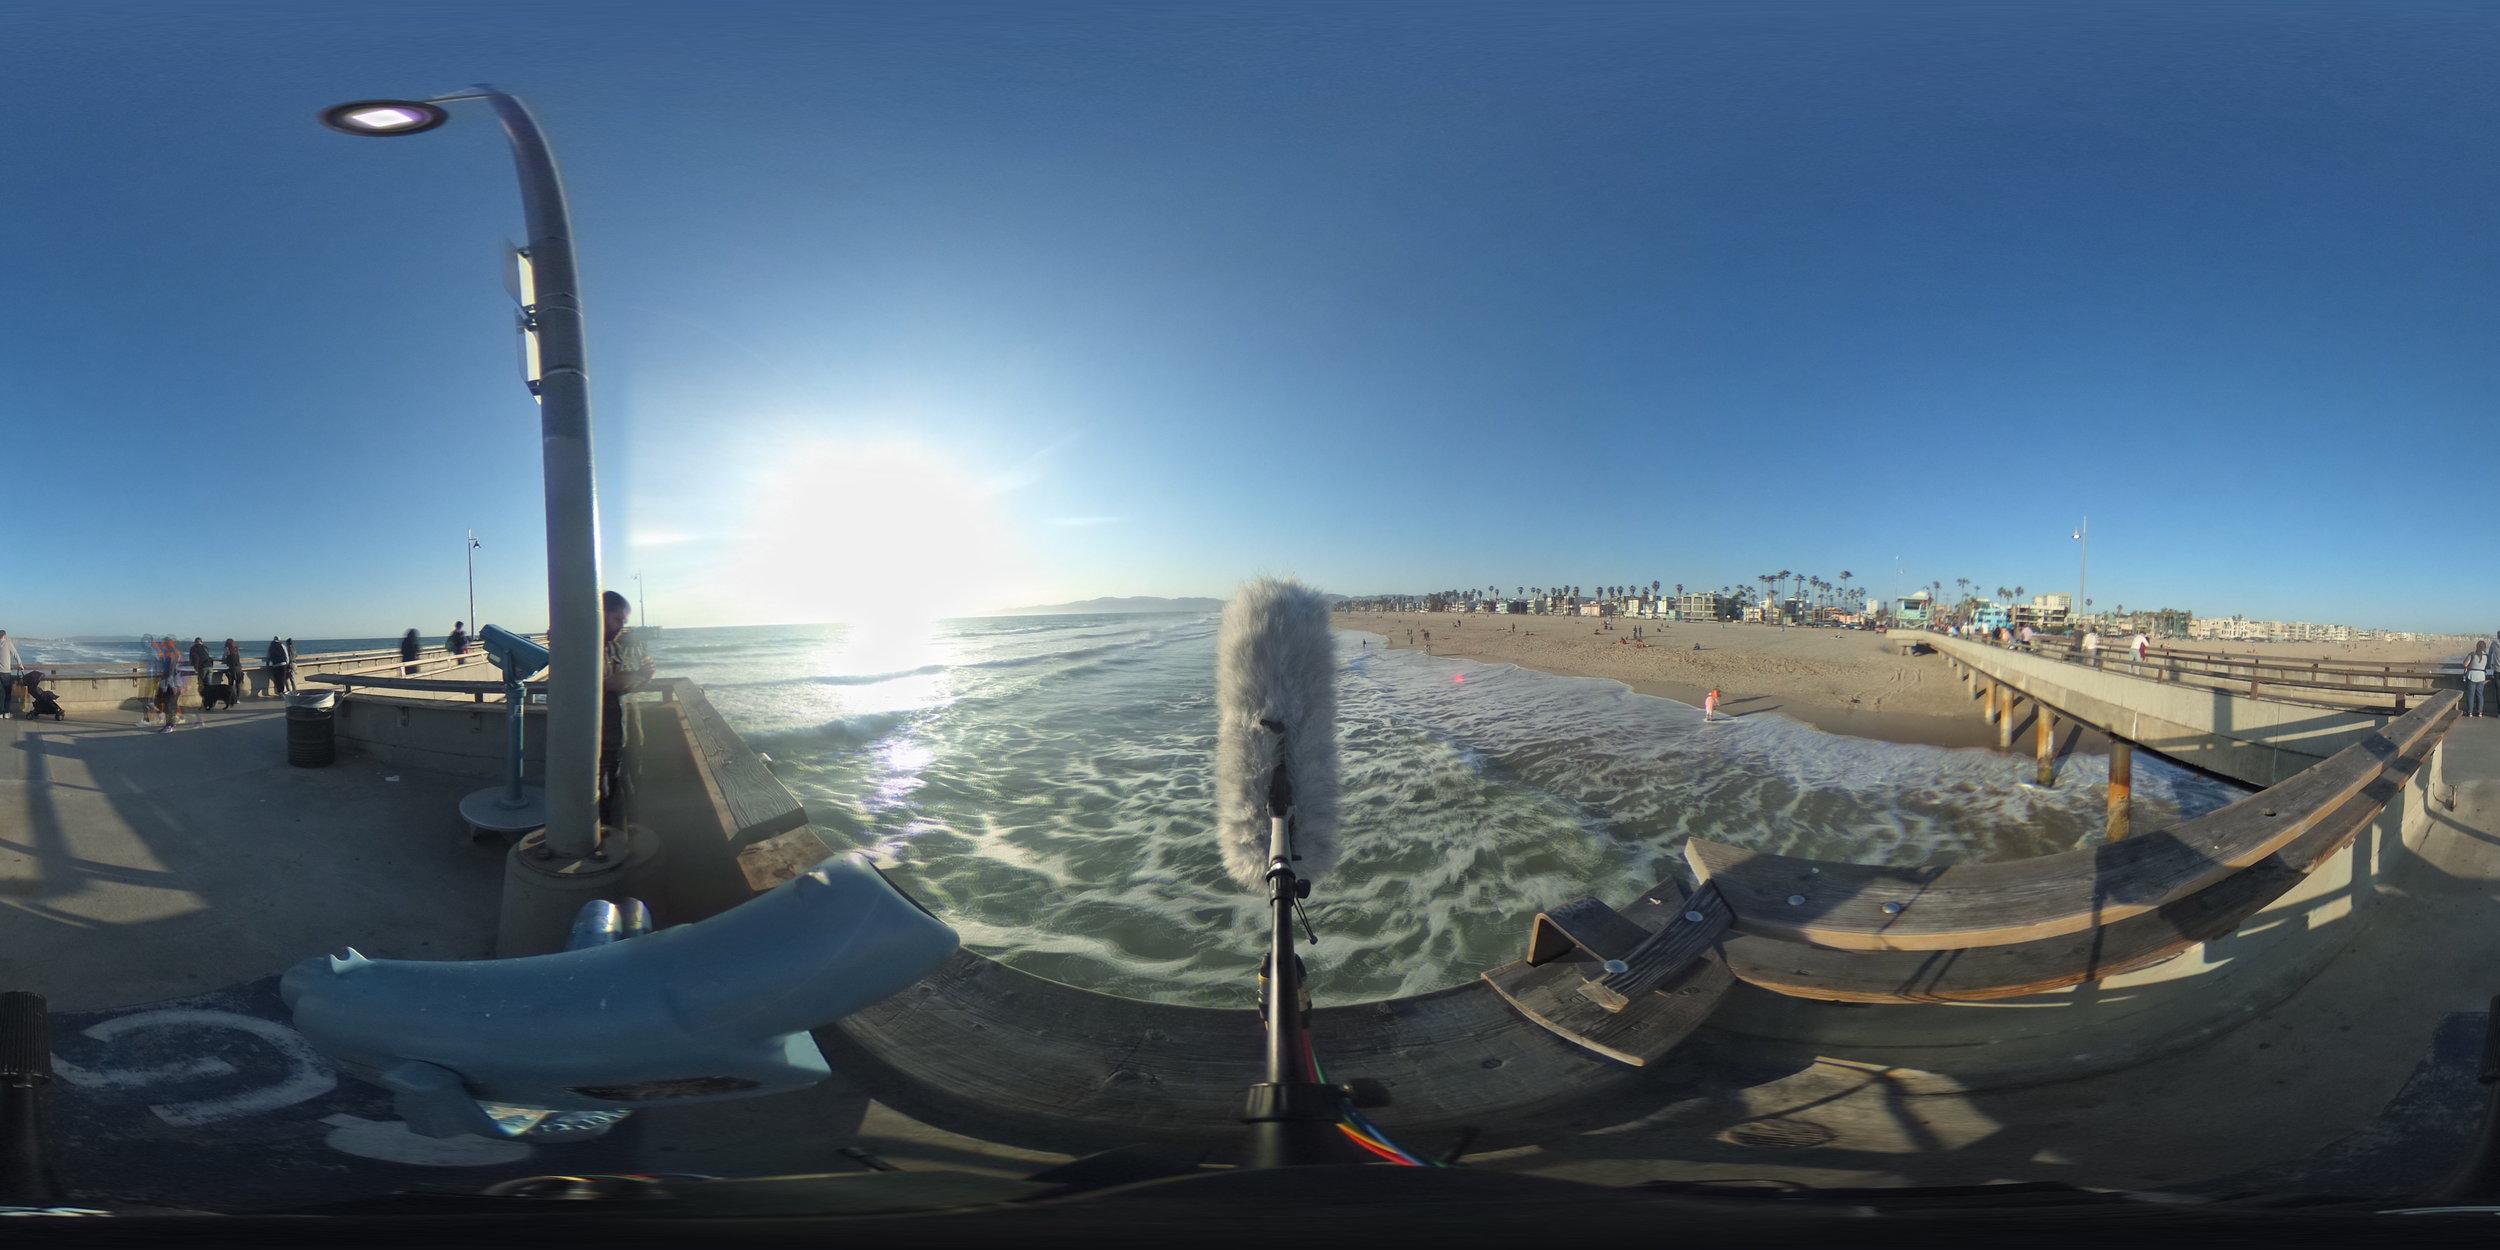 EXT_Day_Beach_Pier_SteadyWavesBelow_LightWalla_JPEG.JPG